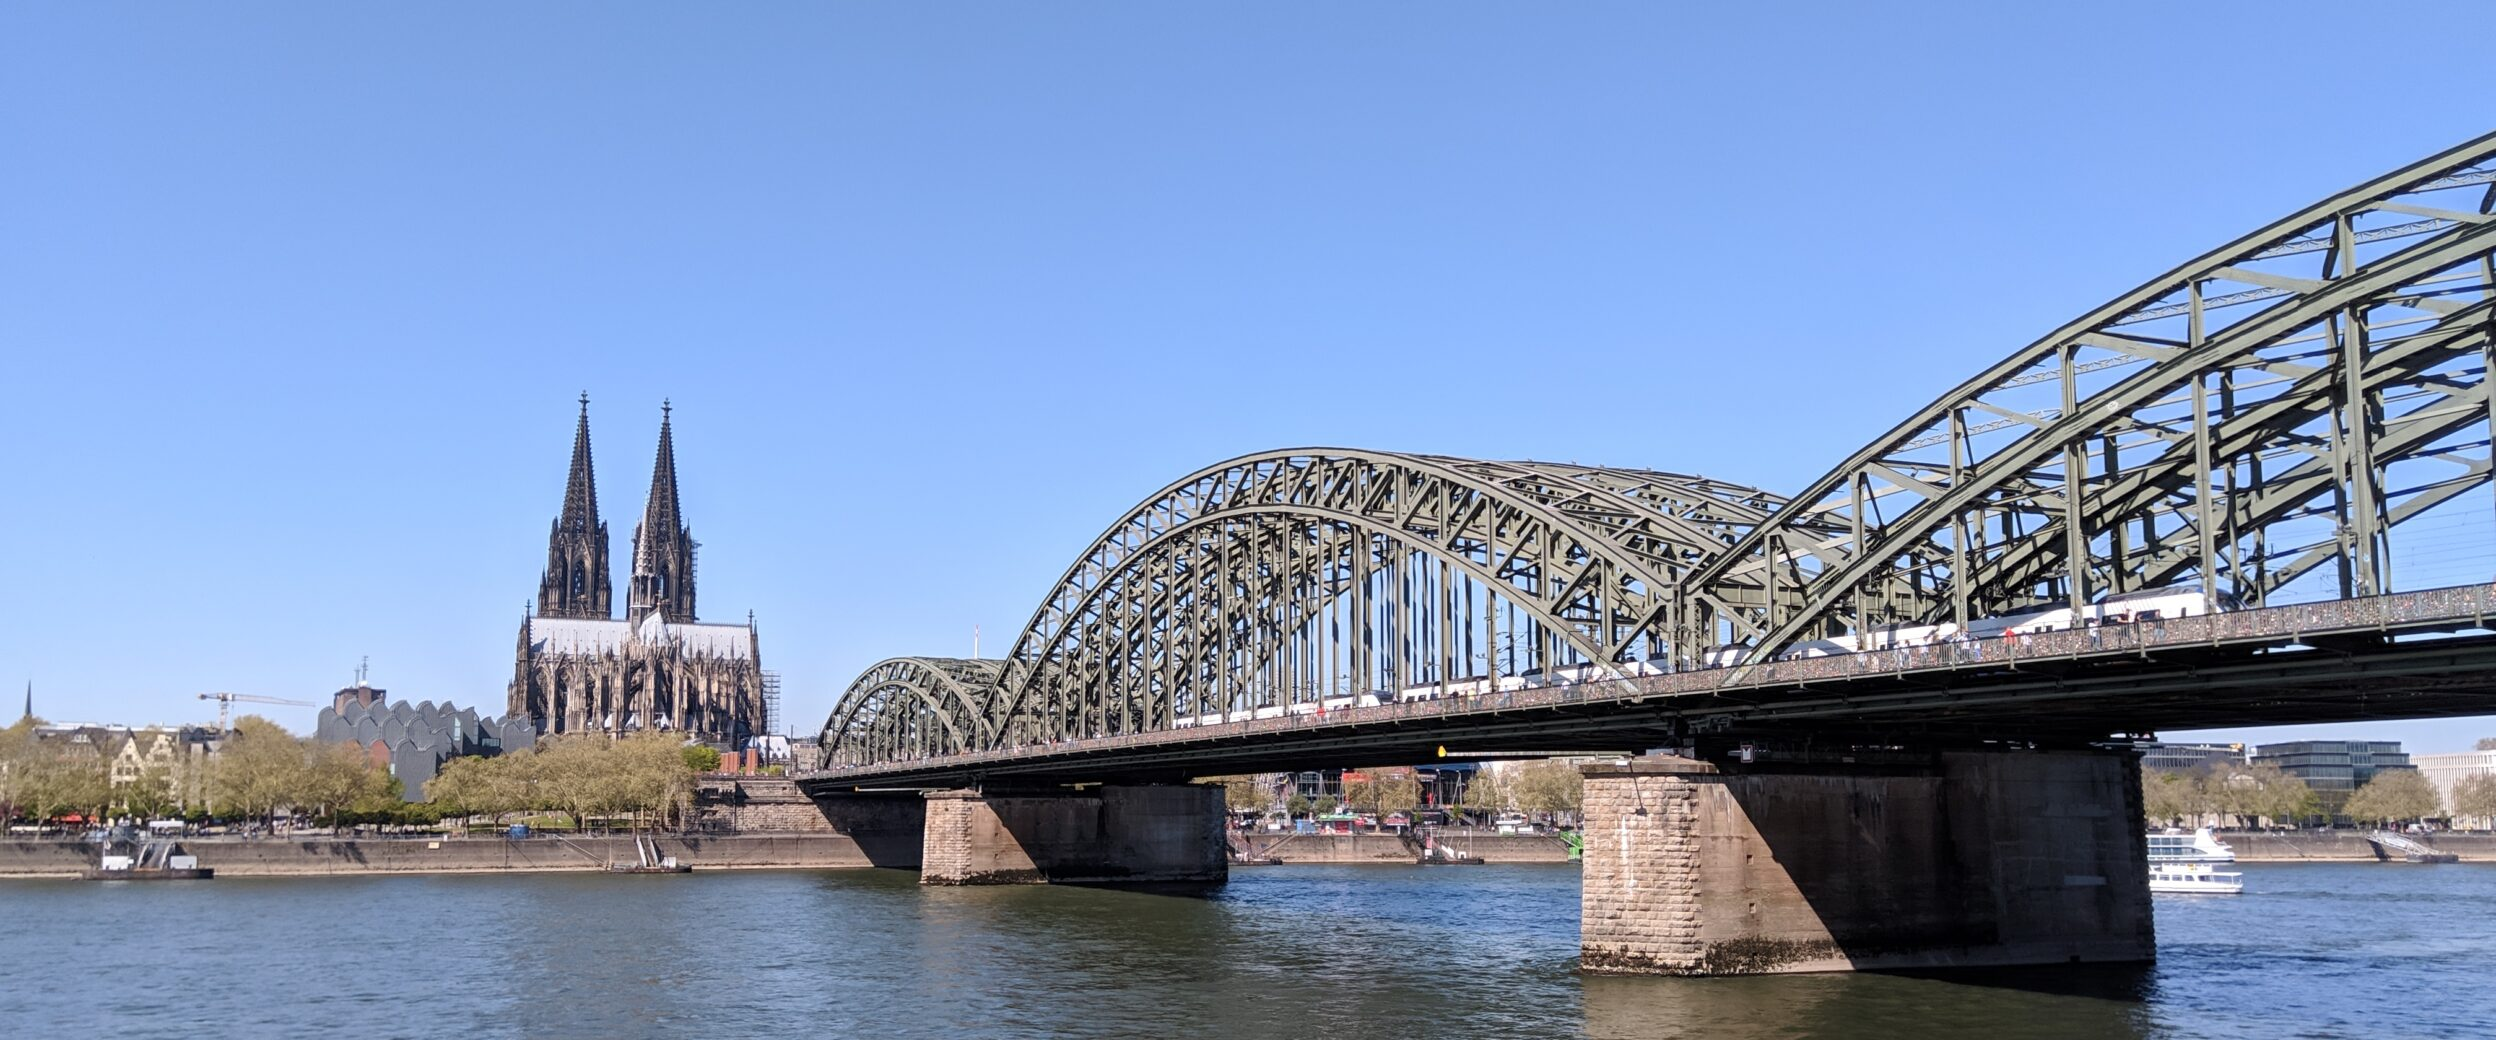 Blick auf den Kölner Dom, die Hohenzollernbrücke und den Rhein vom Deutzer Rheinboulevard aus